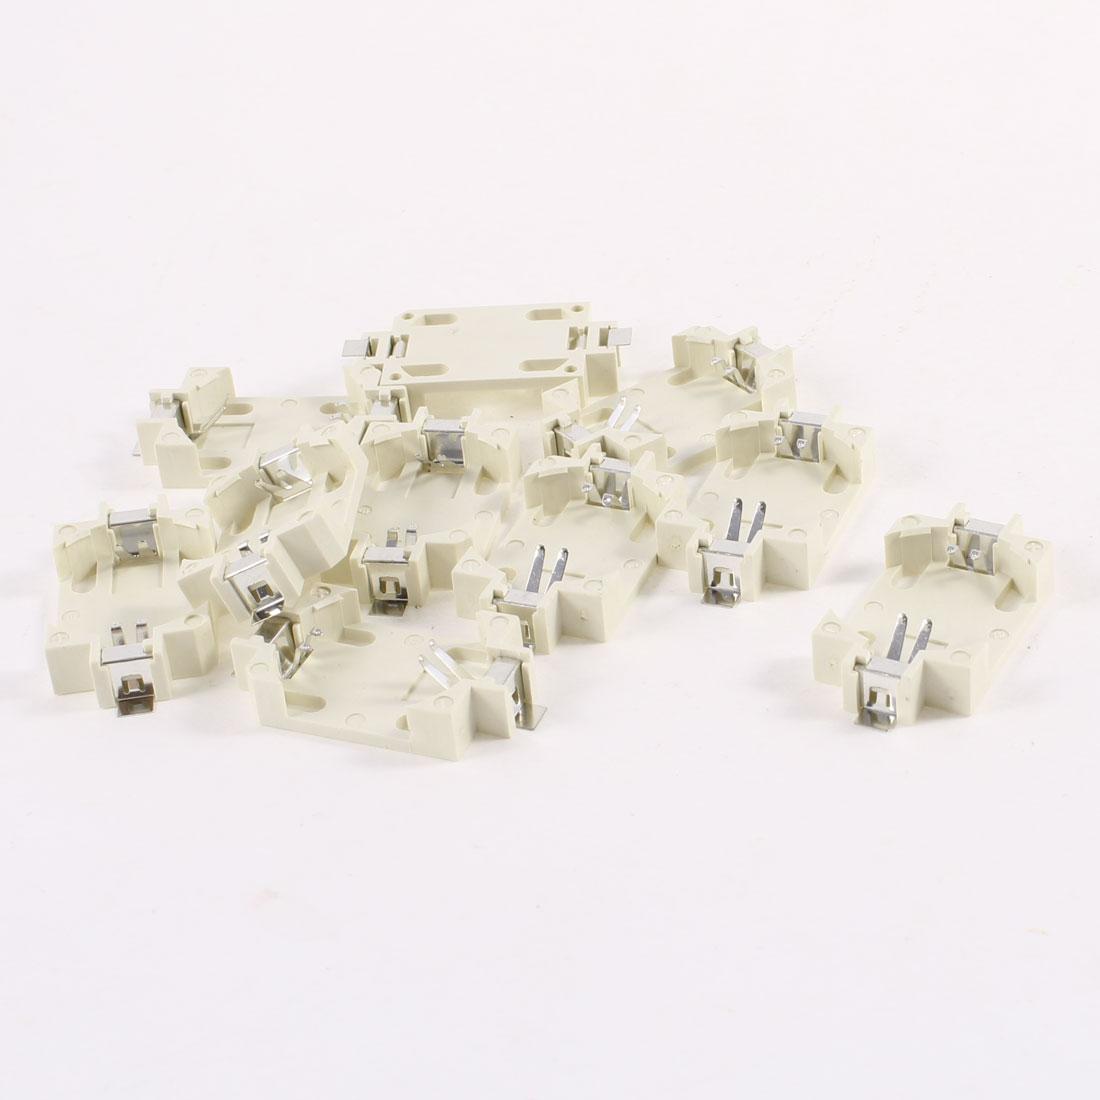 10 Pcs Plastic Shell CR2032 Button Cell Battery Socket Holder Case Off White